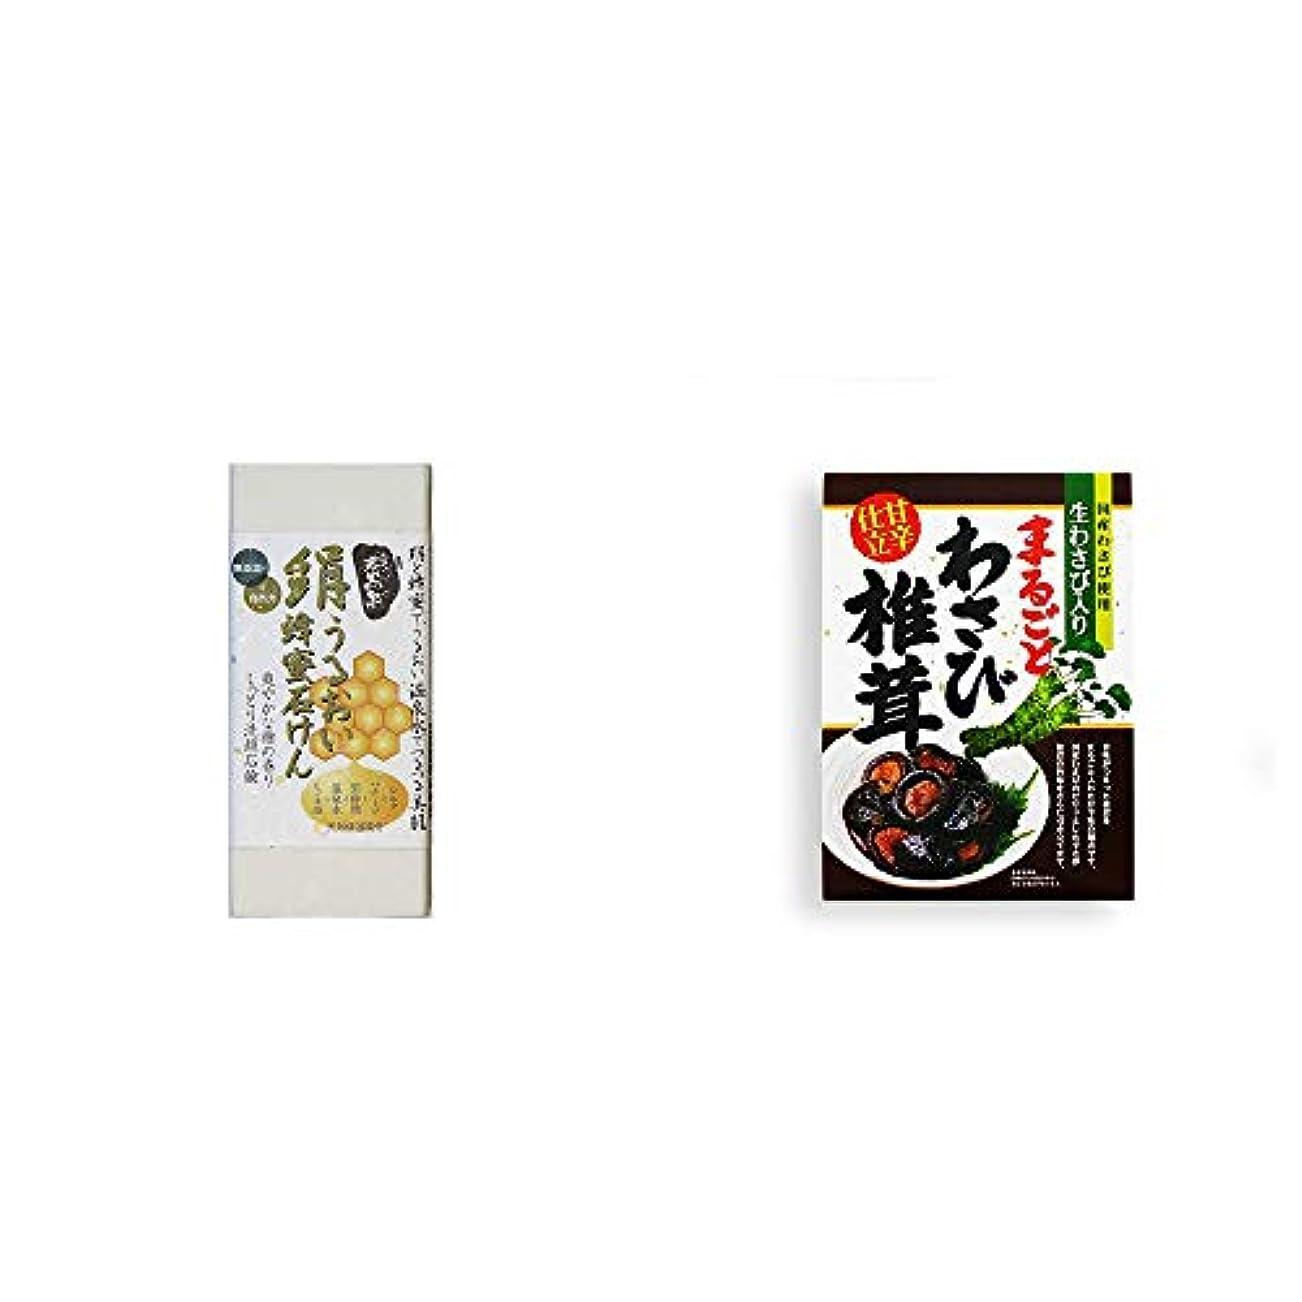 呪われた不規則な水銀の[2点セット] ひのき炭黒泉 絹うるおい蜂蜜石けん(75g×2)?まるごとわさび椎茸(200g)